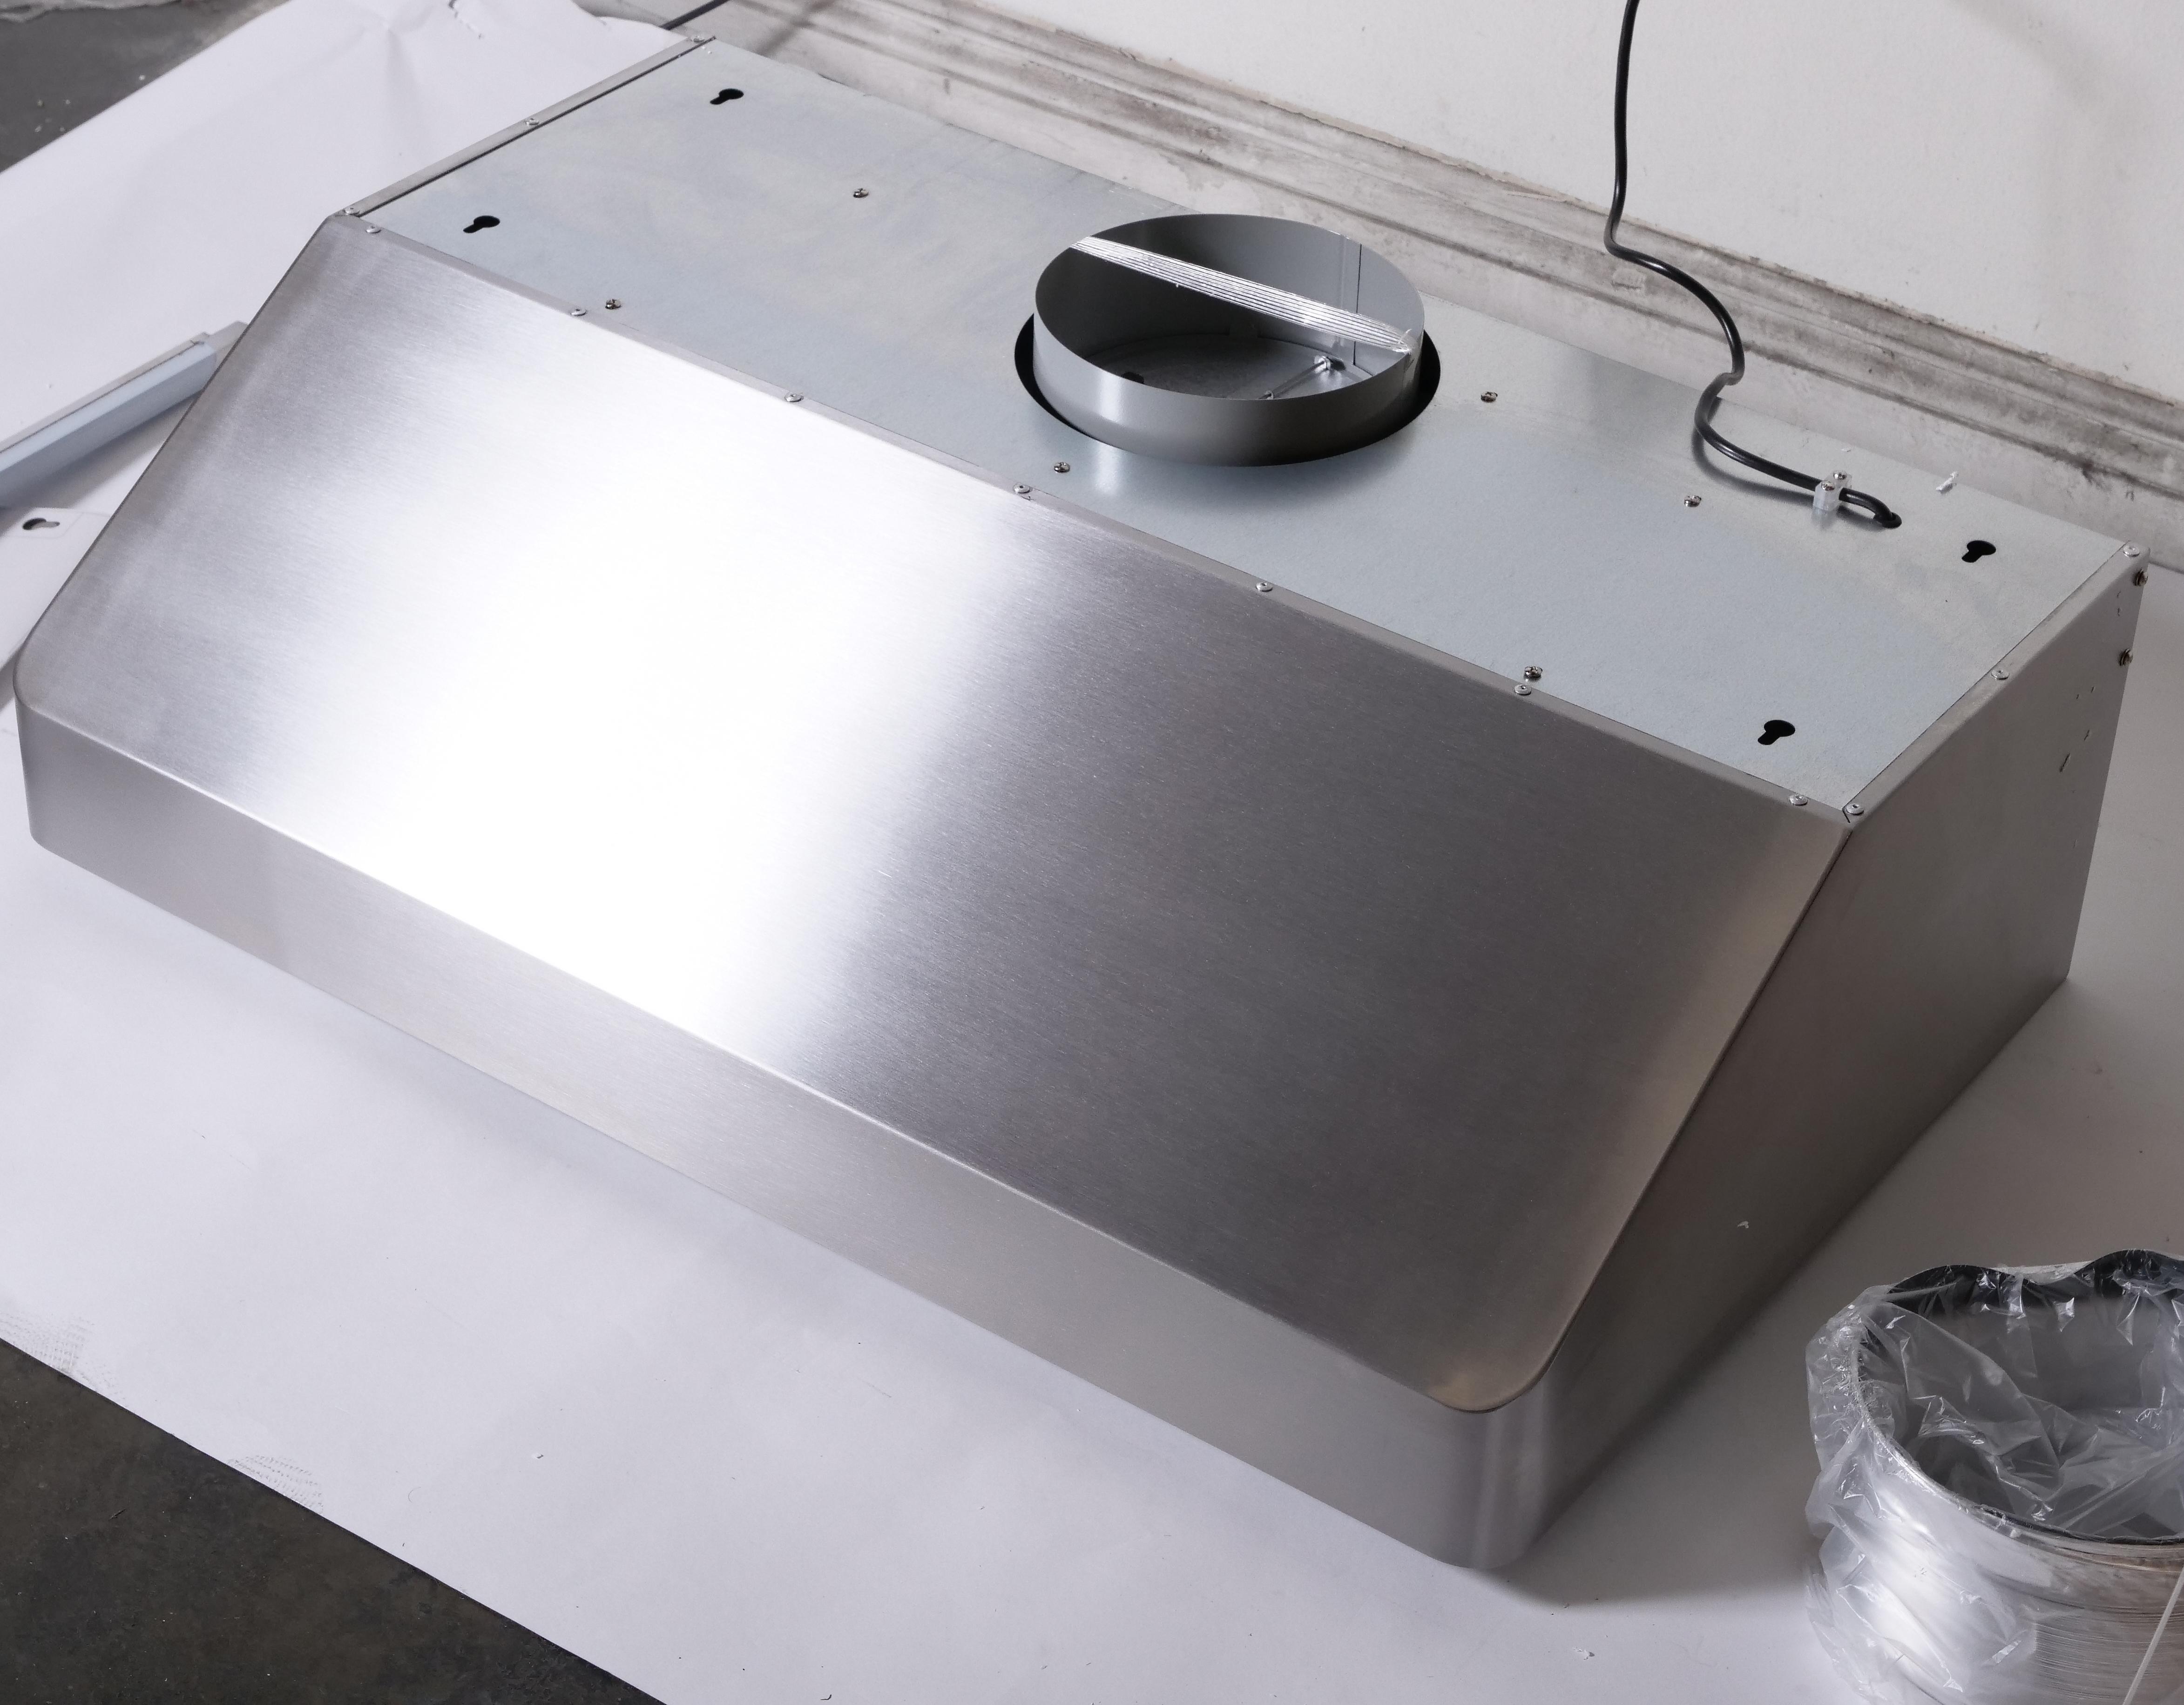 36 in. Under Cabinet Range Hood in Stainless Steel (OPEN BOX) | eBay